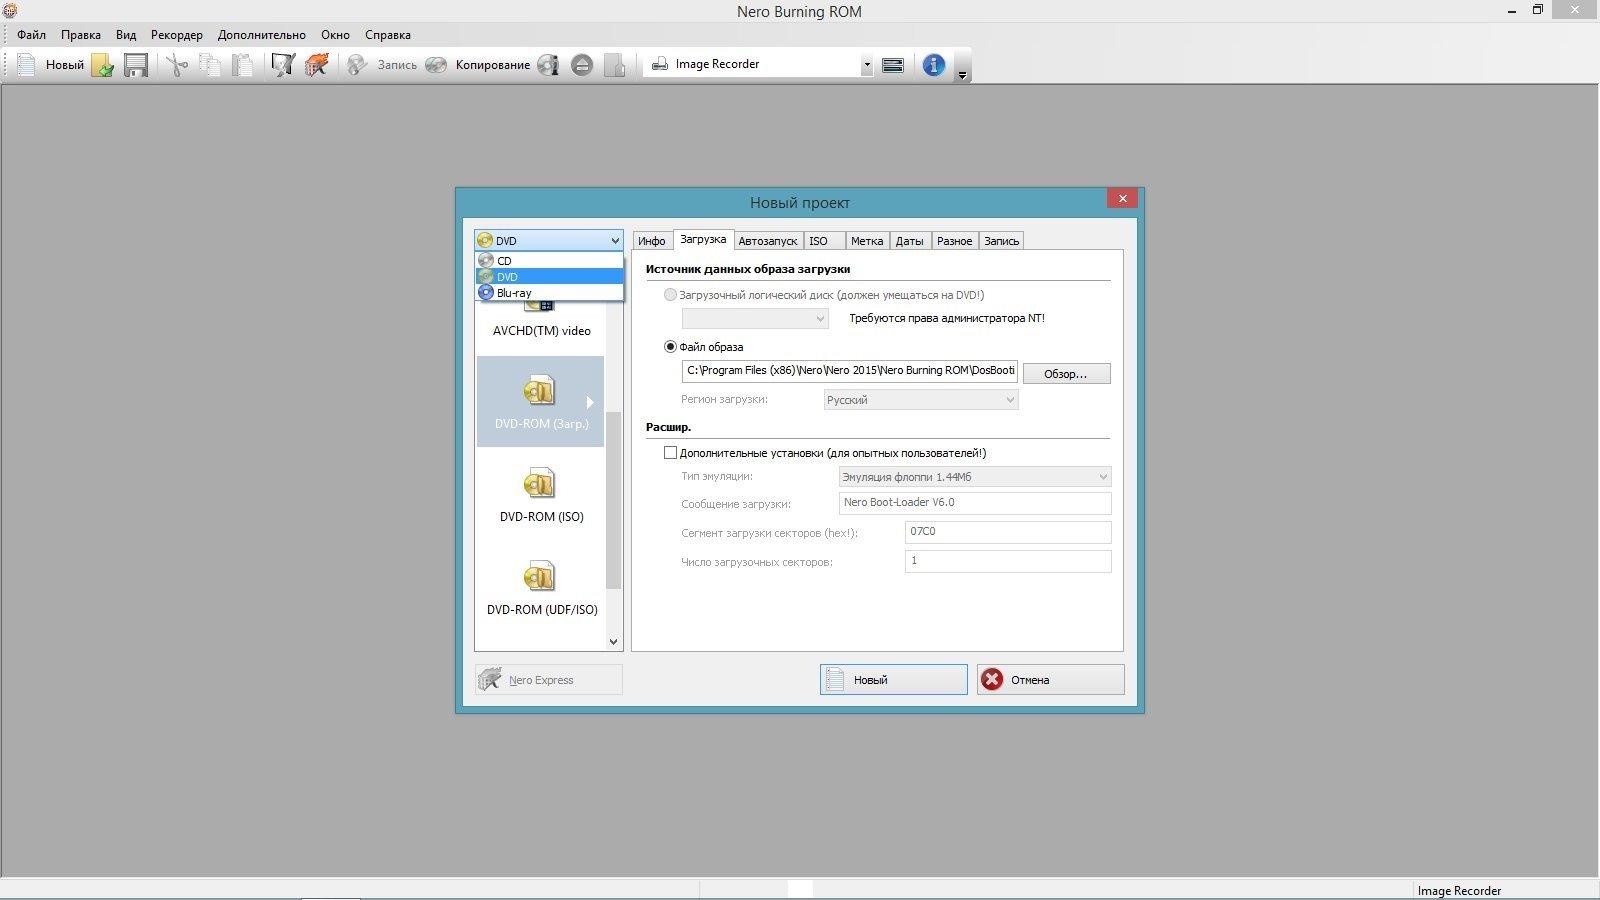 http://fs1.directupload.net/images/141212/2vg538wj.jpg